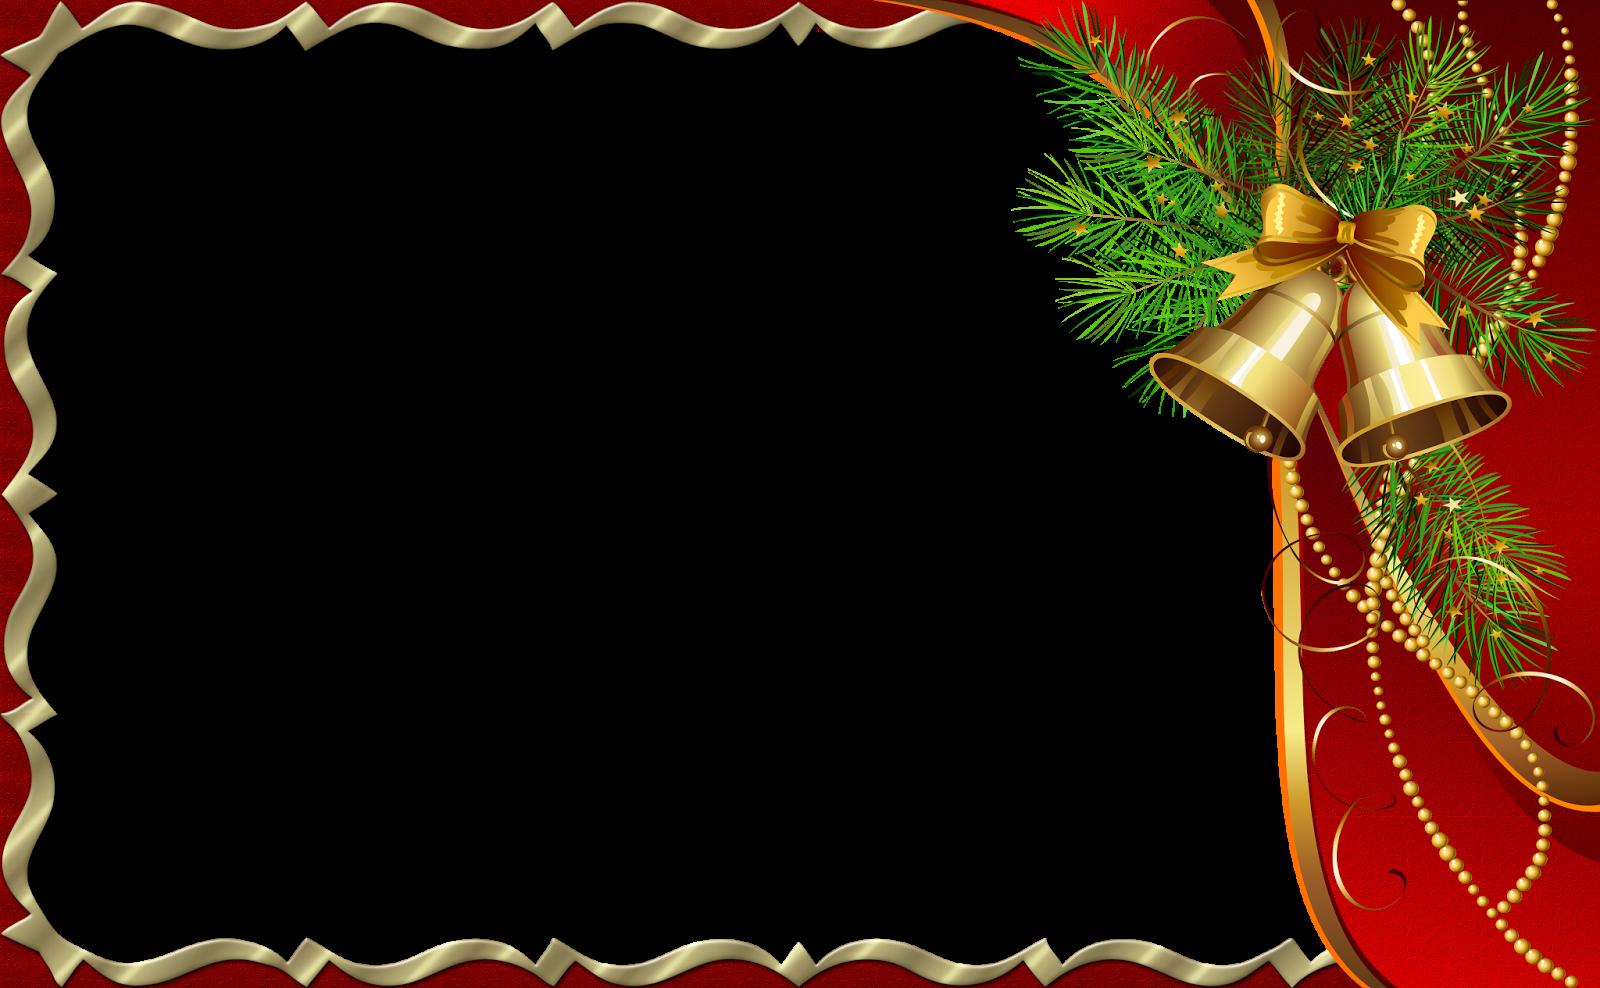 Marcos y bordes marcos para tarjetas de navidad - Marcos navidad fotos ...